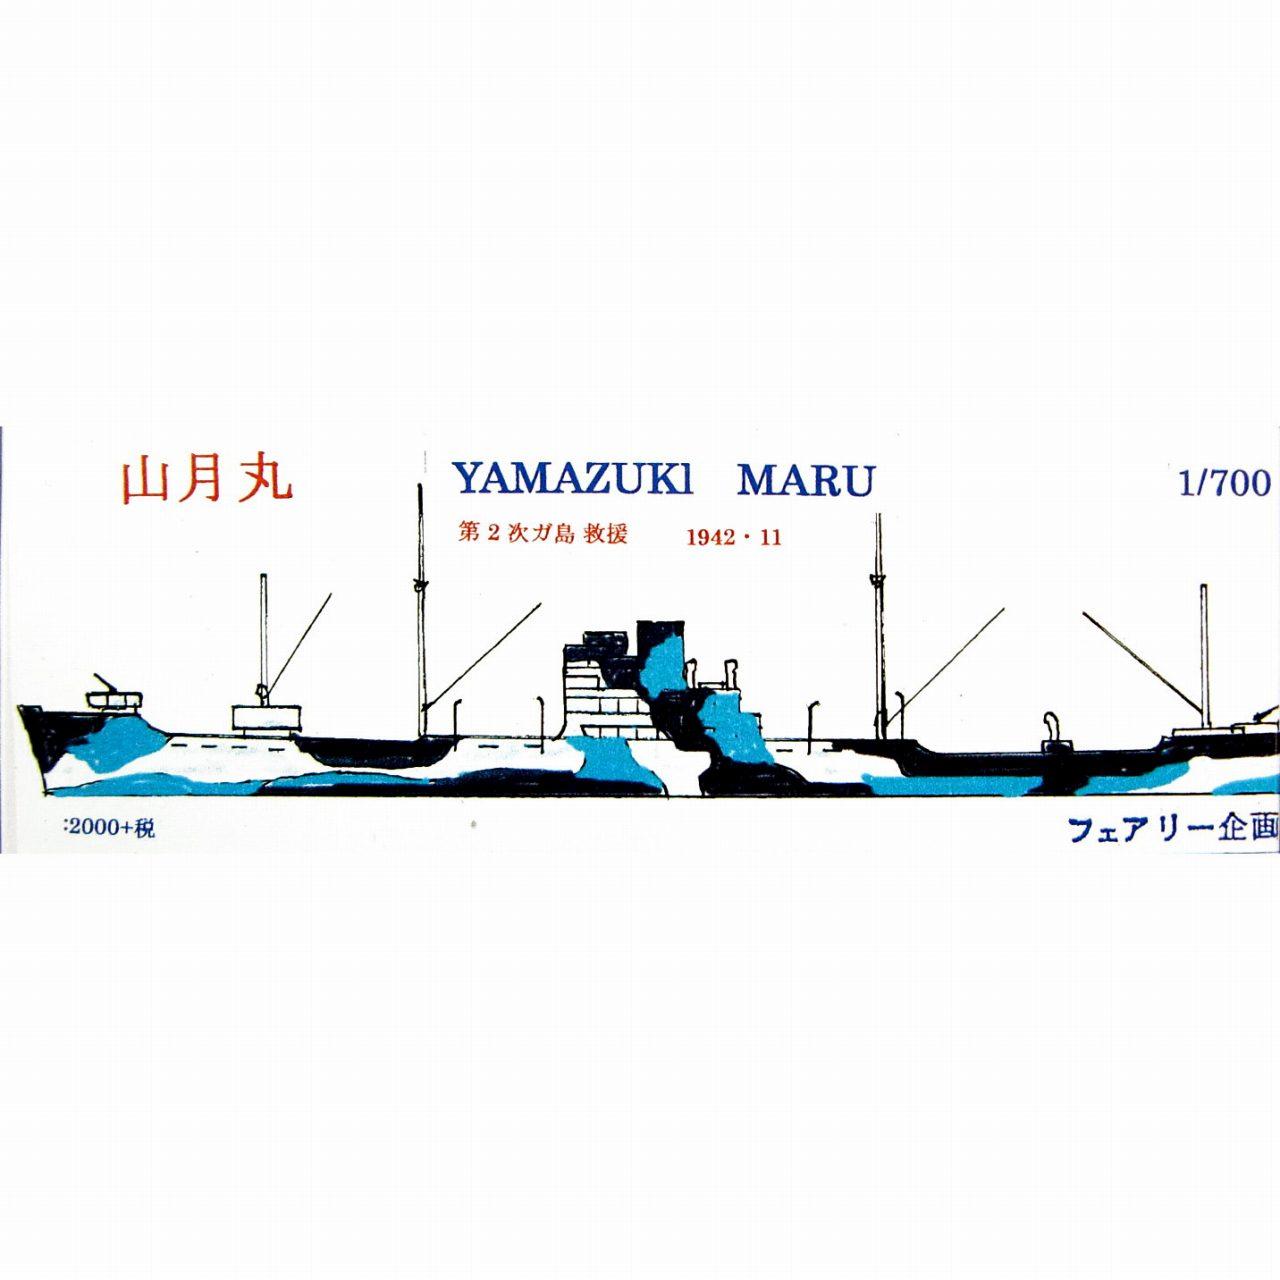 【新製品】141 山月丸 第2次ガ島救援 1942/11